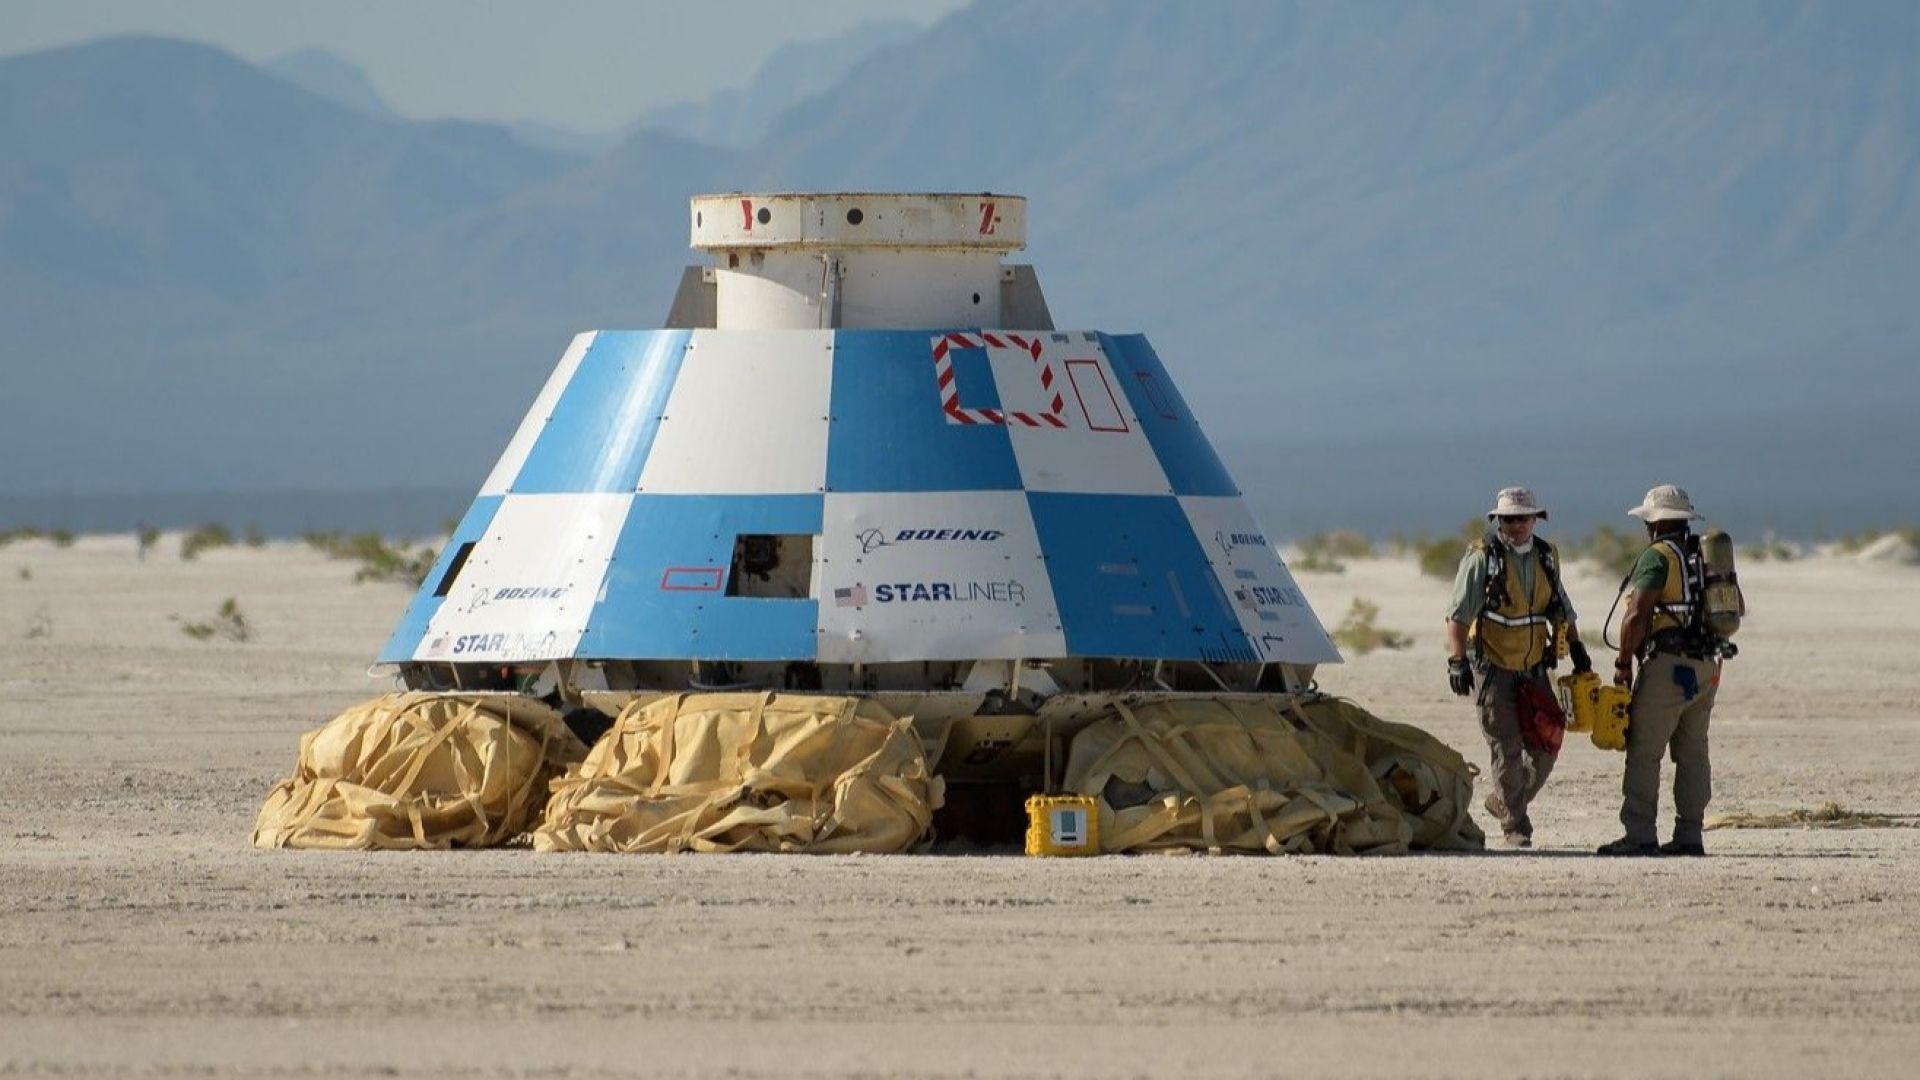 Не се отвори един от парашутите на космическия кораб на Boeing (видео)